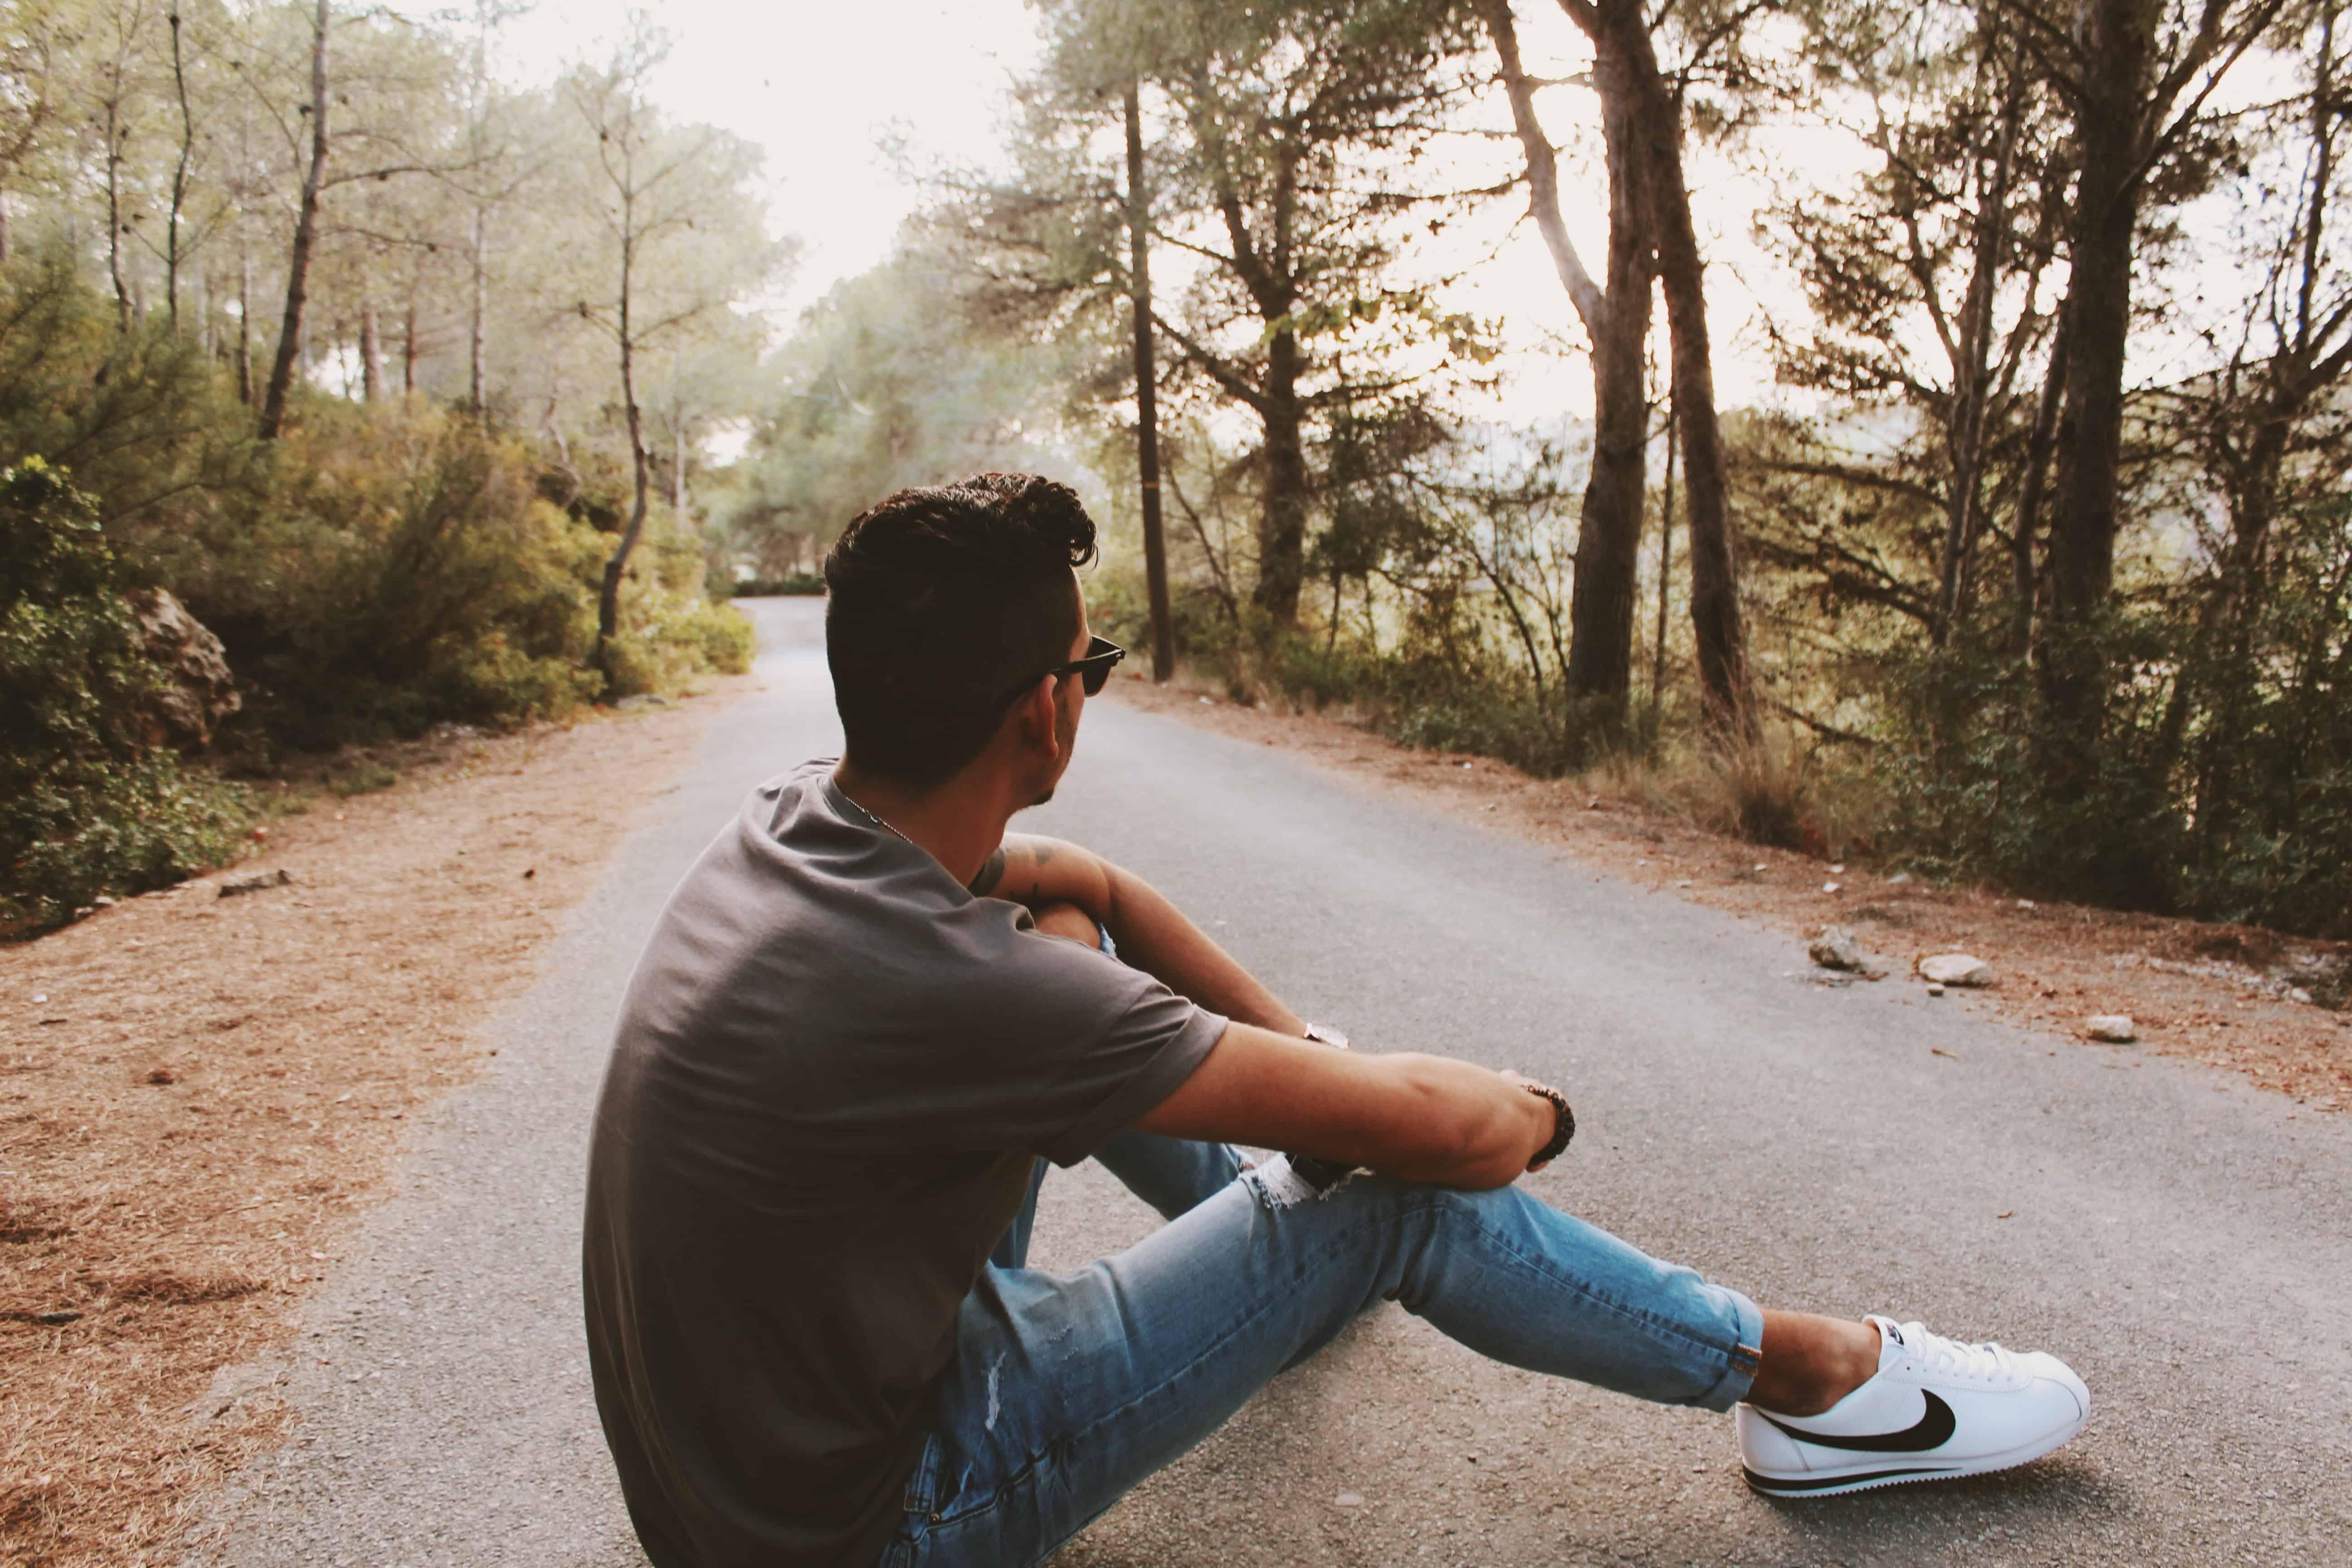 Mann sitzt alleine unterwegs